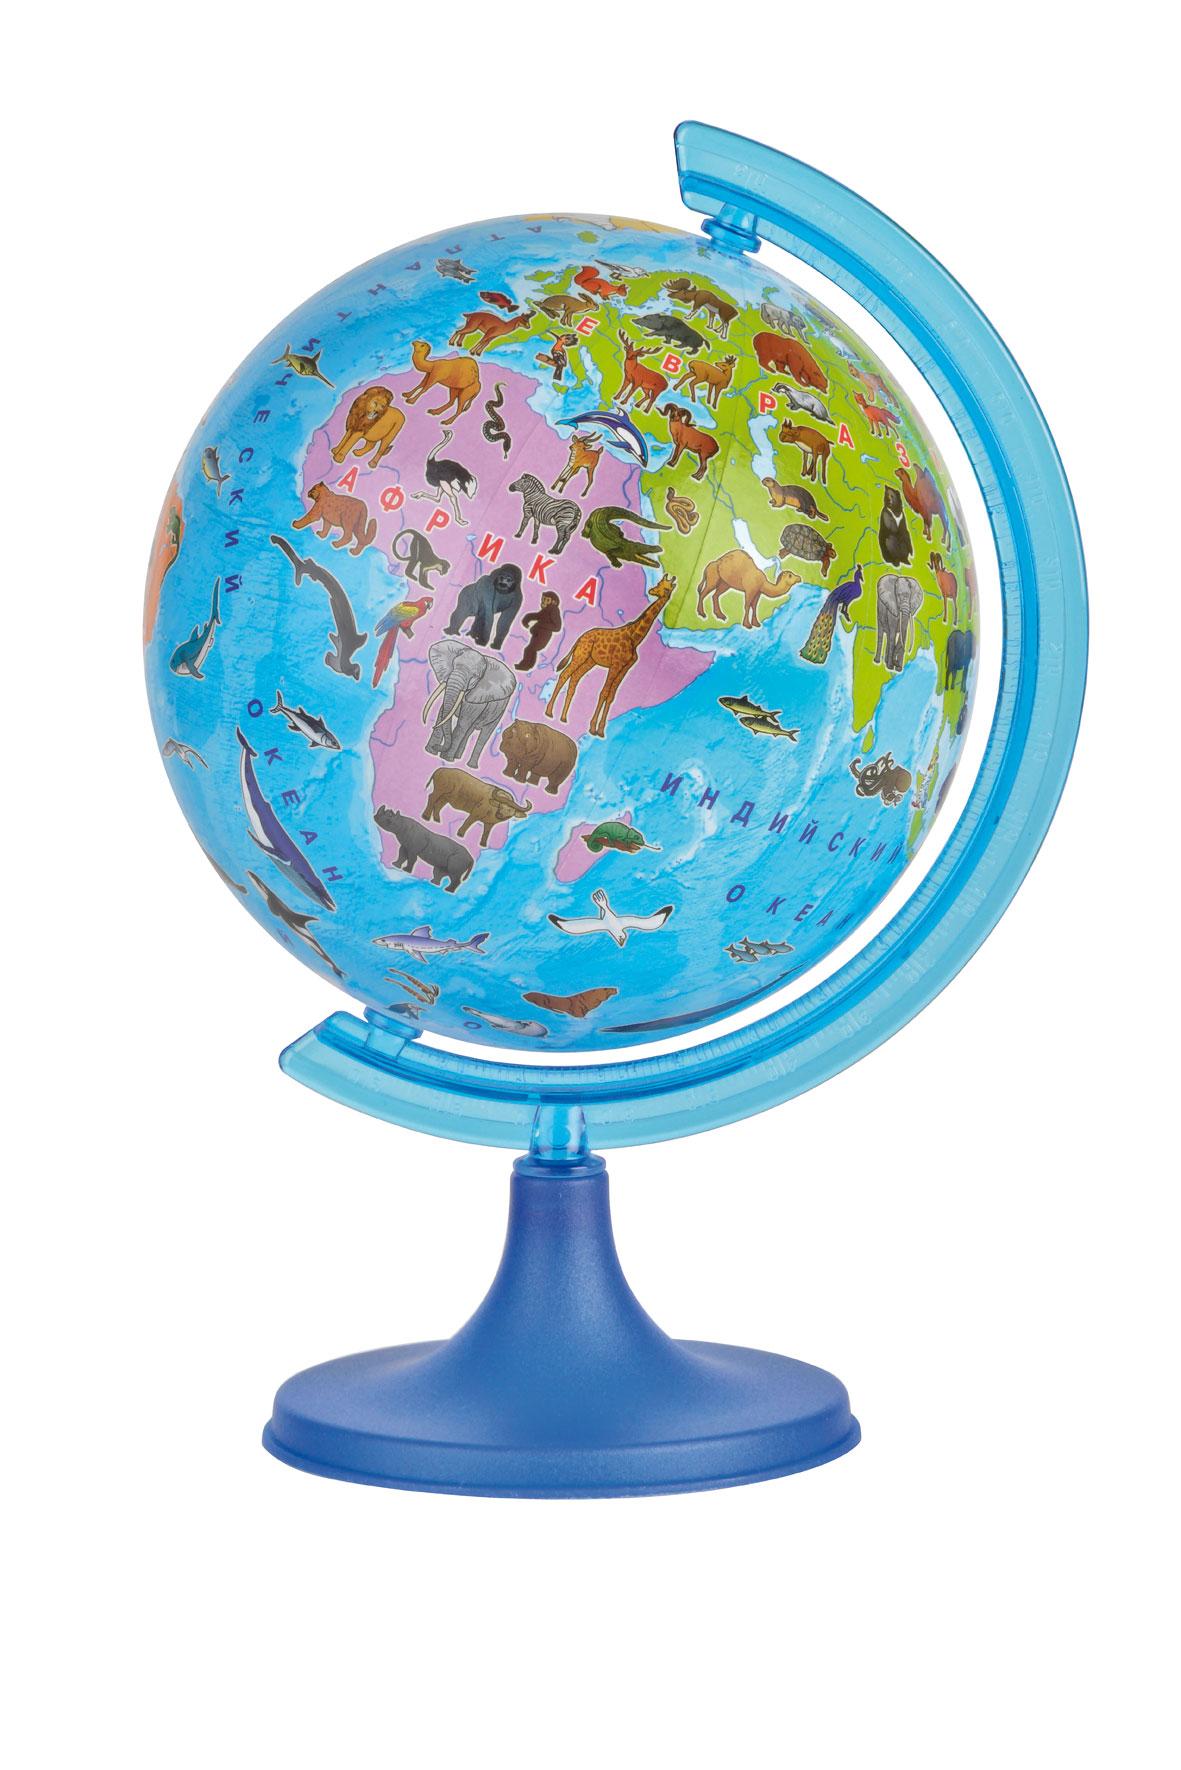 Глобус DMB Сафари, диаметр 16 см + Мини-энциклопедия Животный Мир ЗемлиОСН1224098Глобус DMB Сафари изготовлен из высококачественного прочного пластика в оригинальной, яркой цветной гамме, где всематерики и океаны выполнены в ярких контрастных красках, что привлечетвнимание и интерес ребенка. На глобусе отображены самые известныеживотные, наиболее характерные для той или иной среды обитания. Изделиерасположено на подставке. Географические названия на глобусе приведены на русском языке. Сделайте первый шаг в стимулирование своего обучения! К глобусу прилагается мини-энциклопедия Животный Мир Земли,которая обязательно поможет детям и их родителям открыть для себя что-тоновое в изучении животного мира нашей удивительной планеты.Настольный глобус DMB Сафари станет оригинальным украшением рабочего стола или вашего кабинета. Это изысканная вещь для стильного интерьера, которая станет прекрасным подарком для современного преуспевающего человека, следующего последним тенденциям моды и стремящегося к элегантности и комфорту в каждой детали.Высота глобуса с подставкой: 24 см. Диаметр глобуса: 16 см. Масштаб: 1:80 000 000.